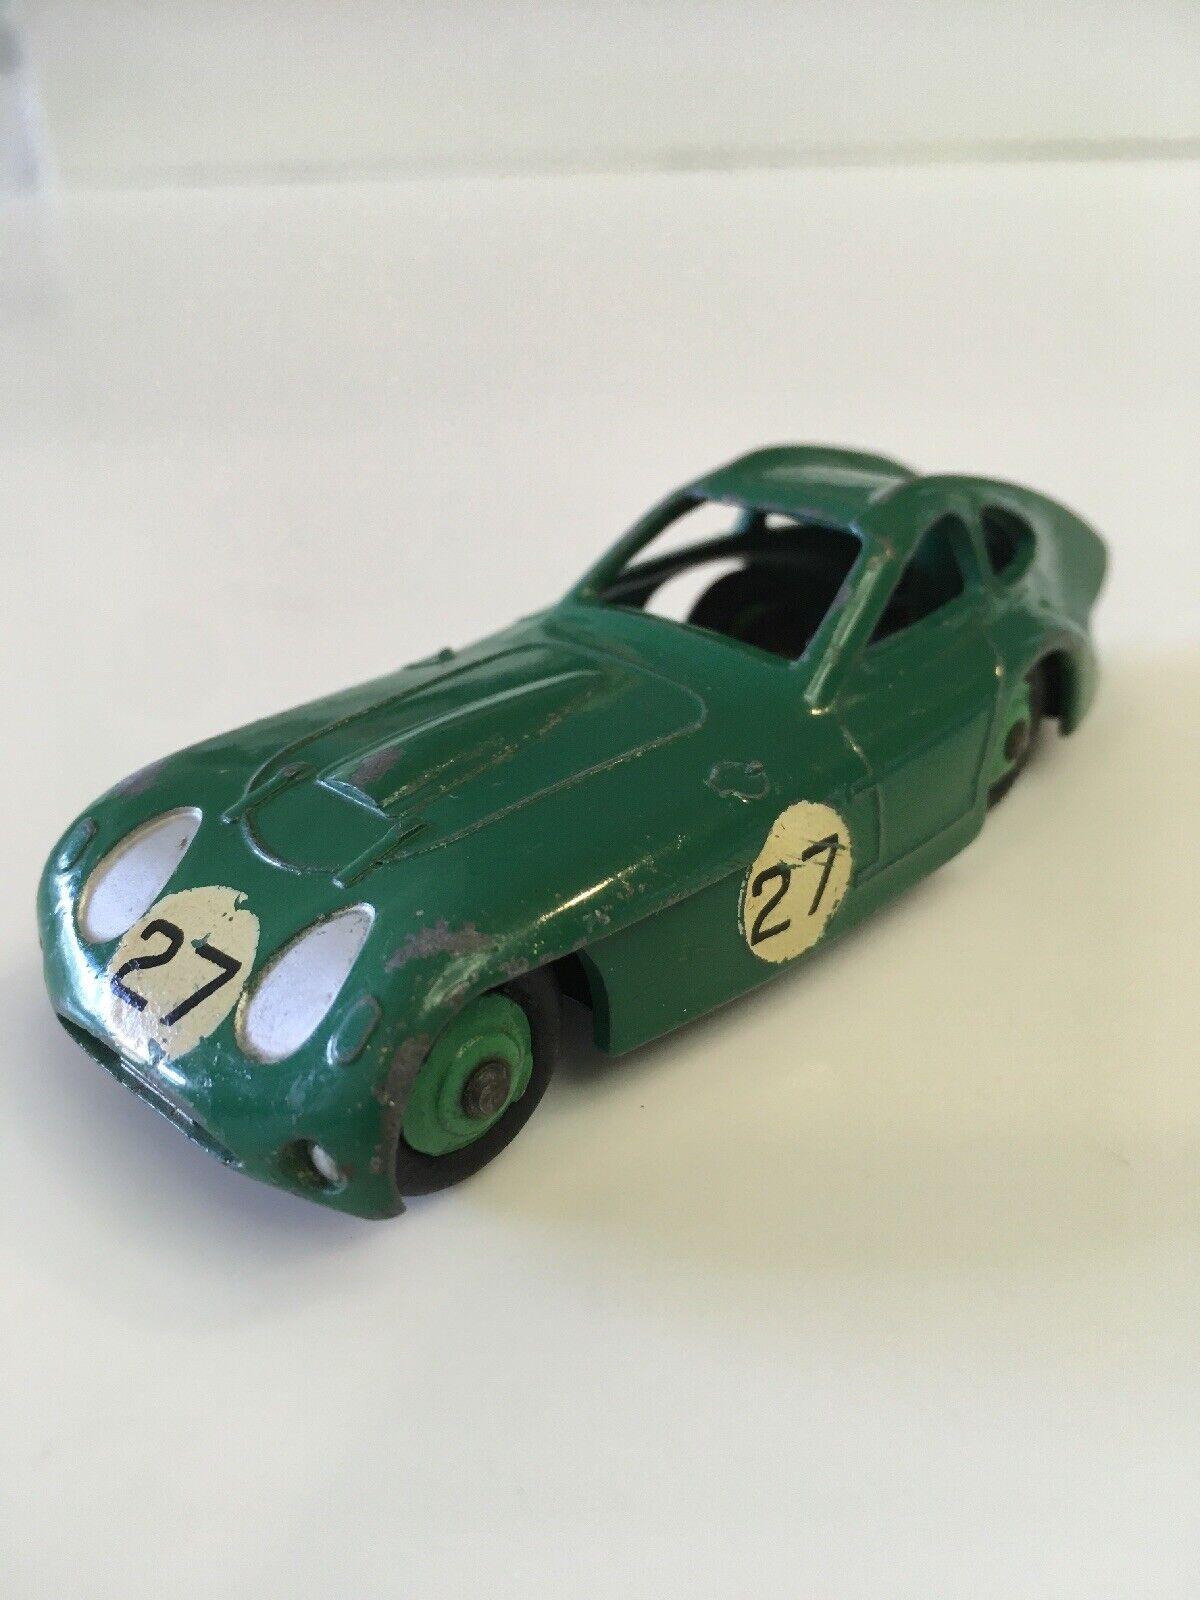 Dinky giocattoli Mecano Bristol 4503527No.163G 1956 verde fatto in United redom